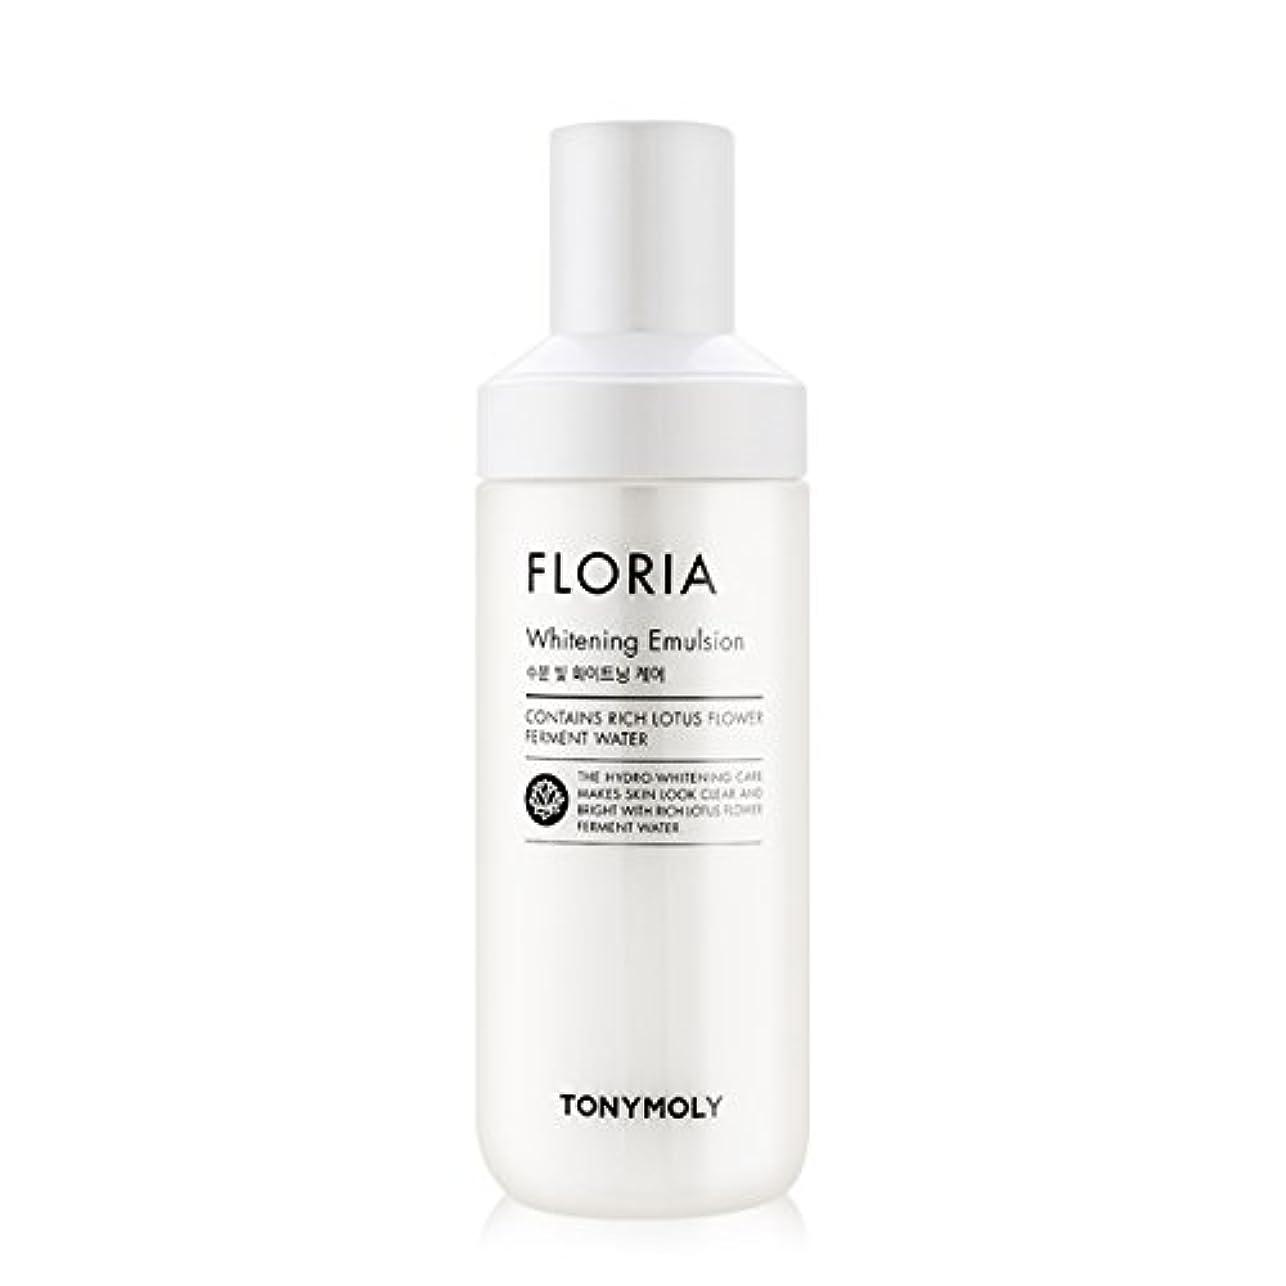 へこみ反抗教科書[2016 New] TONYMOLY Floria Whitening Emulsion 160ml/トニーモリー フロリア ホワイトニング エマルジョン 160ml [並行輸入品]